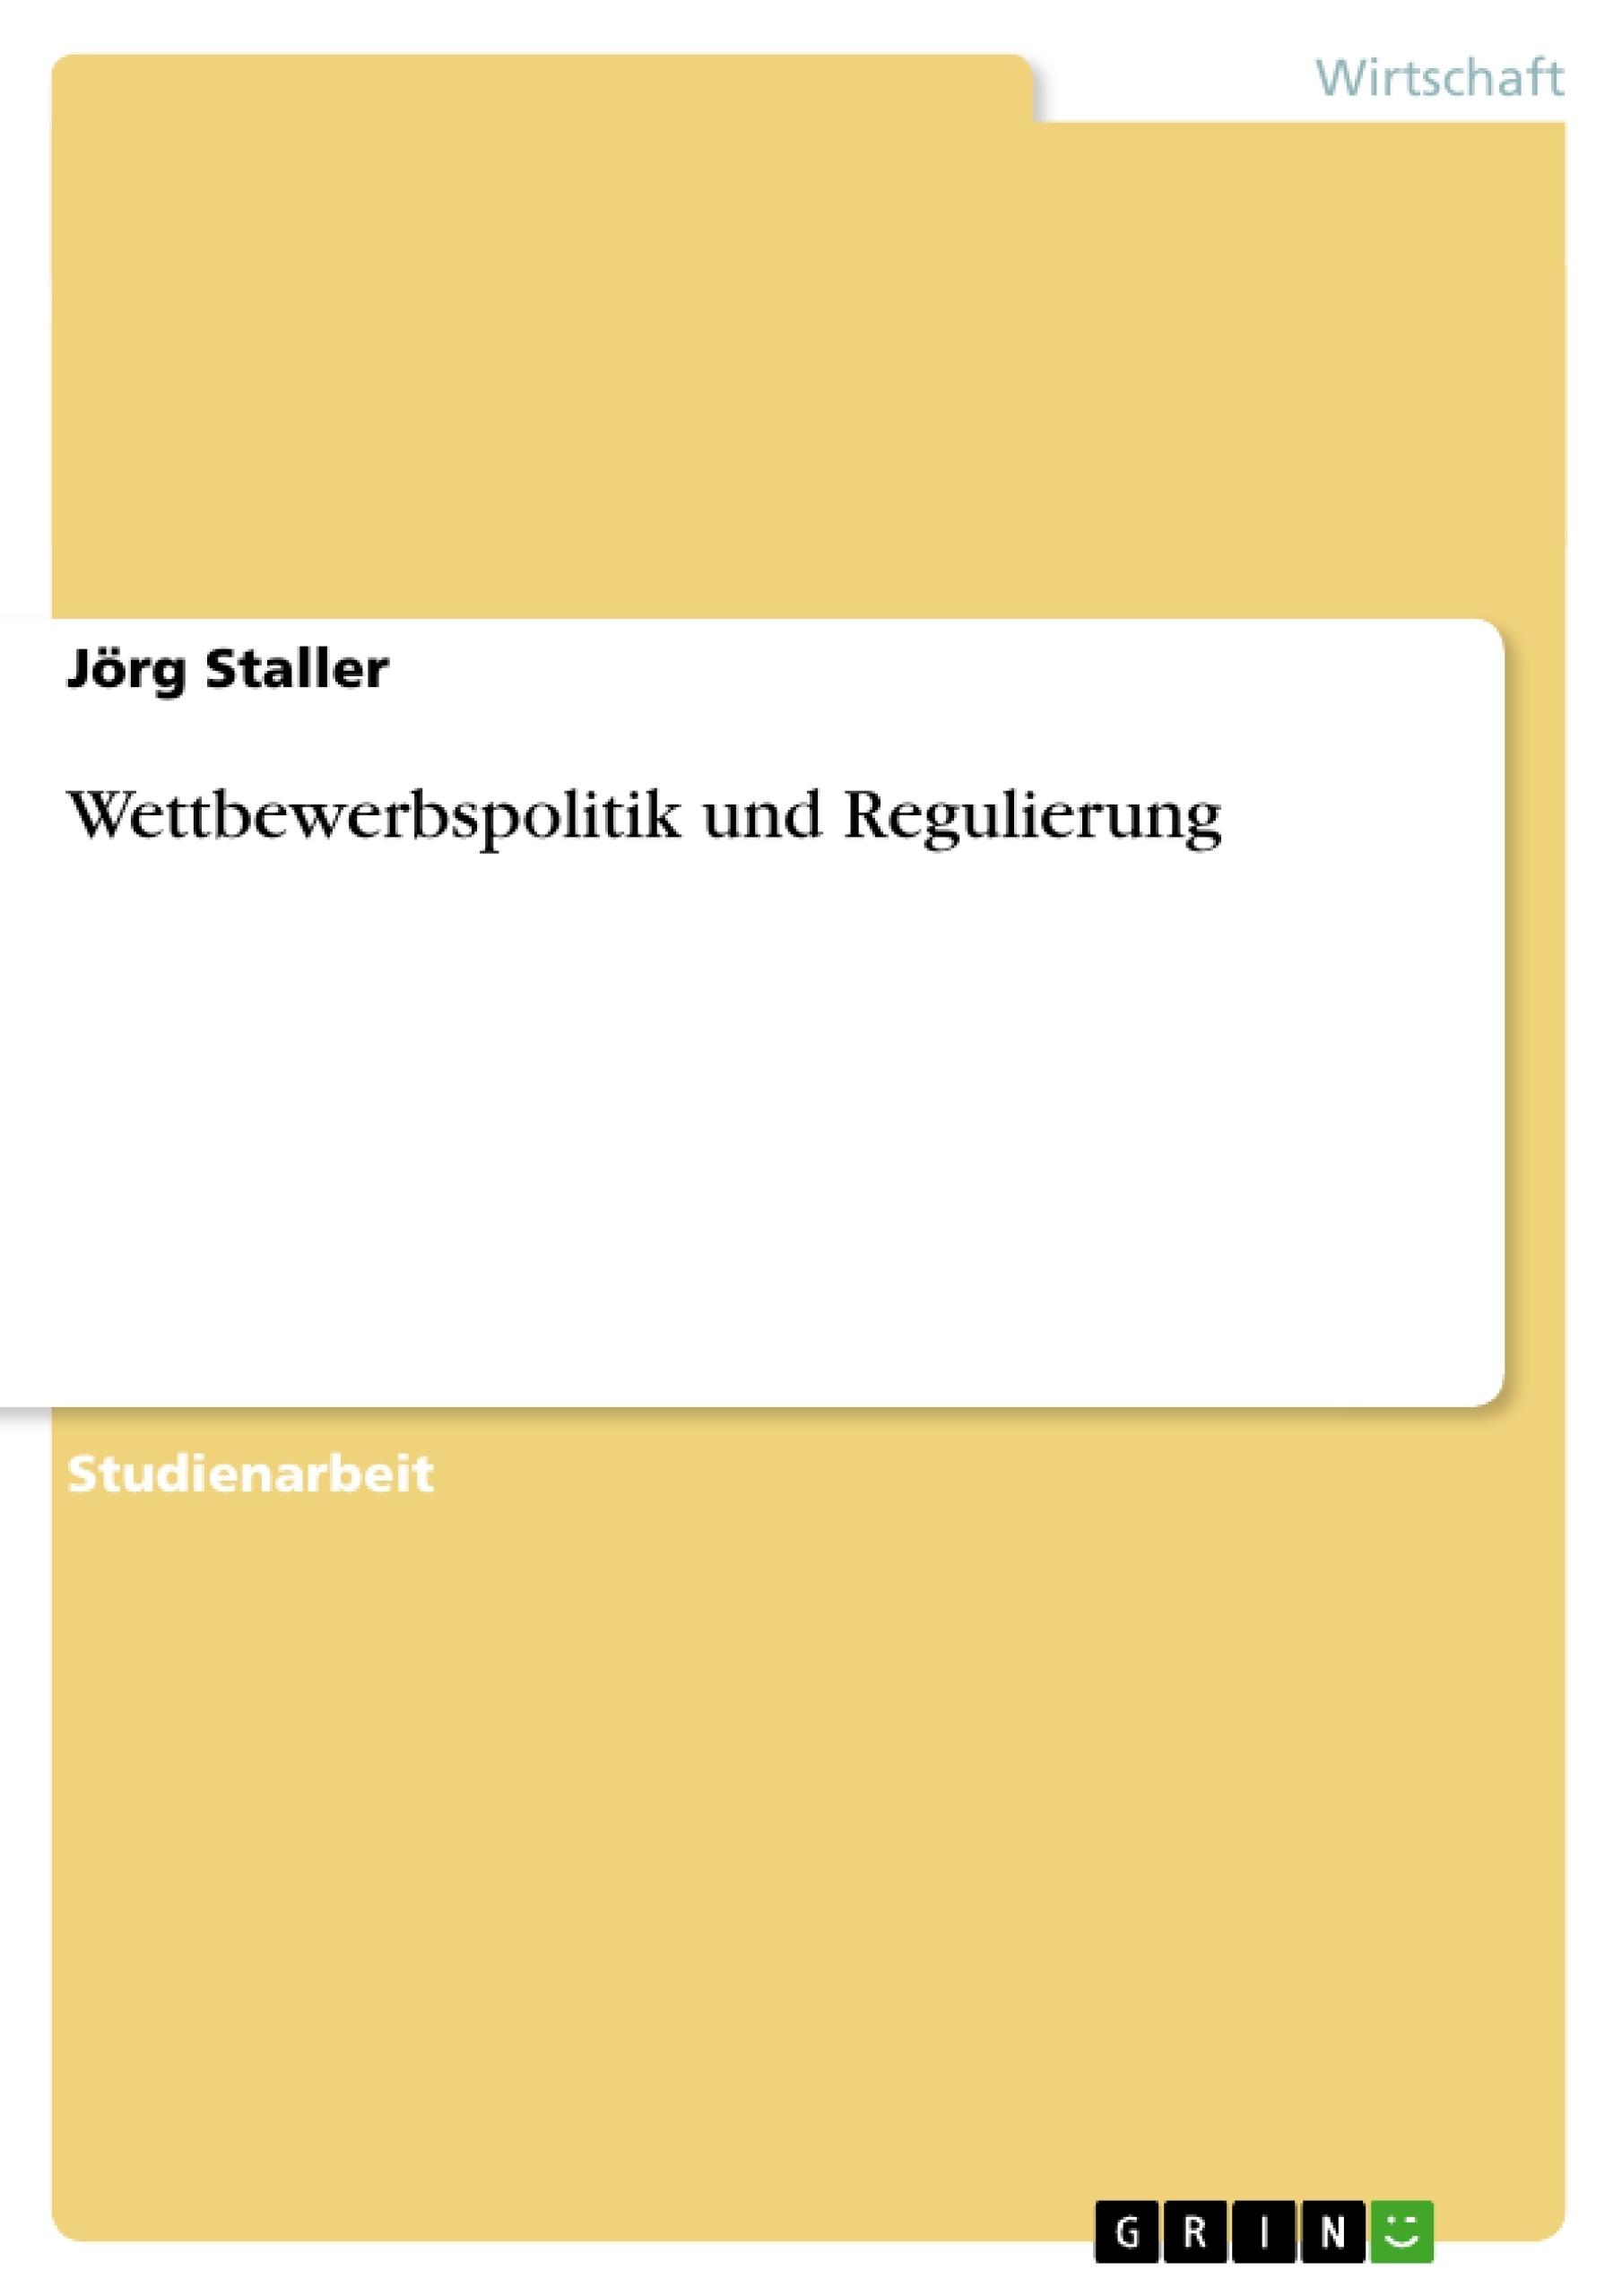 Titel: Wettbewerbspolitik und Regulierung